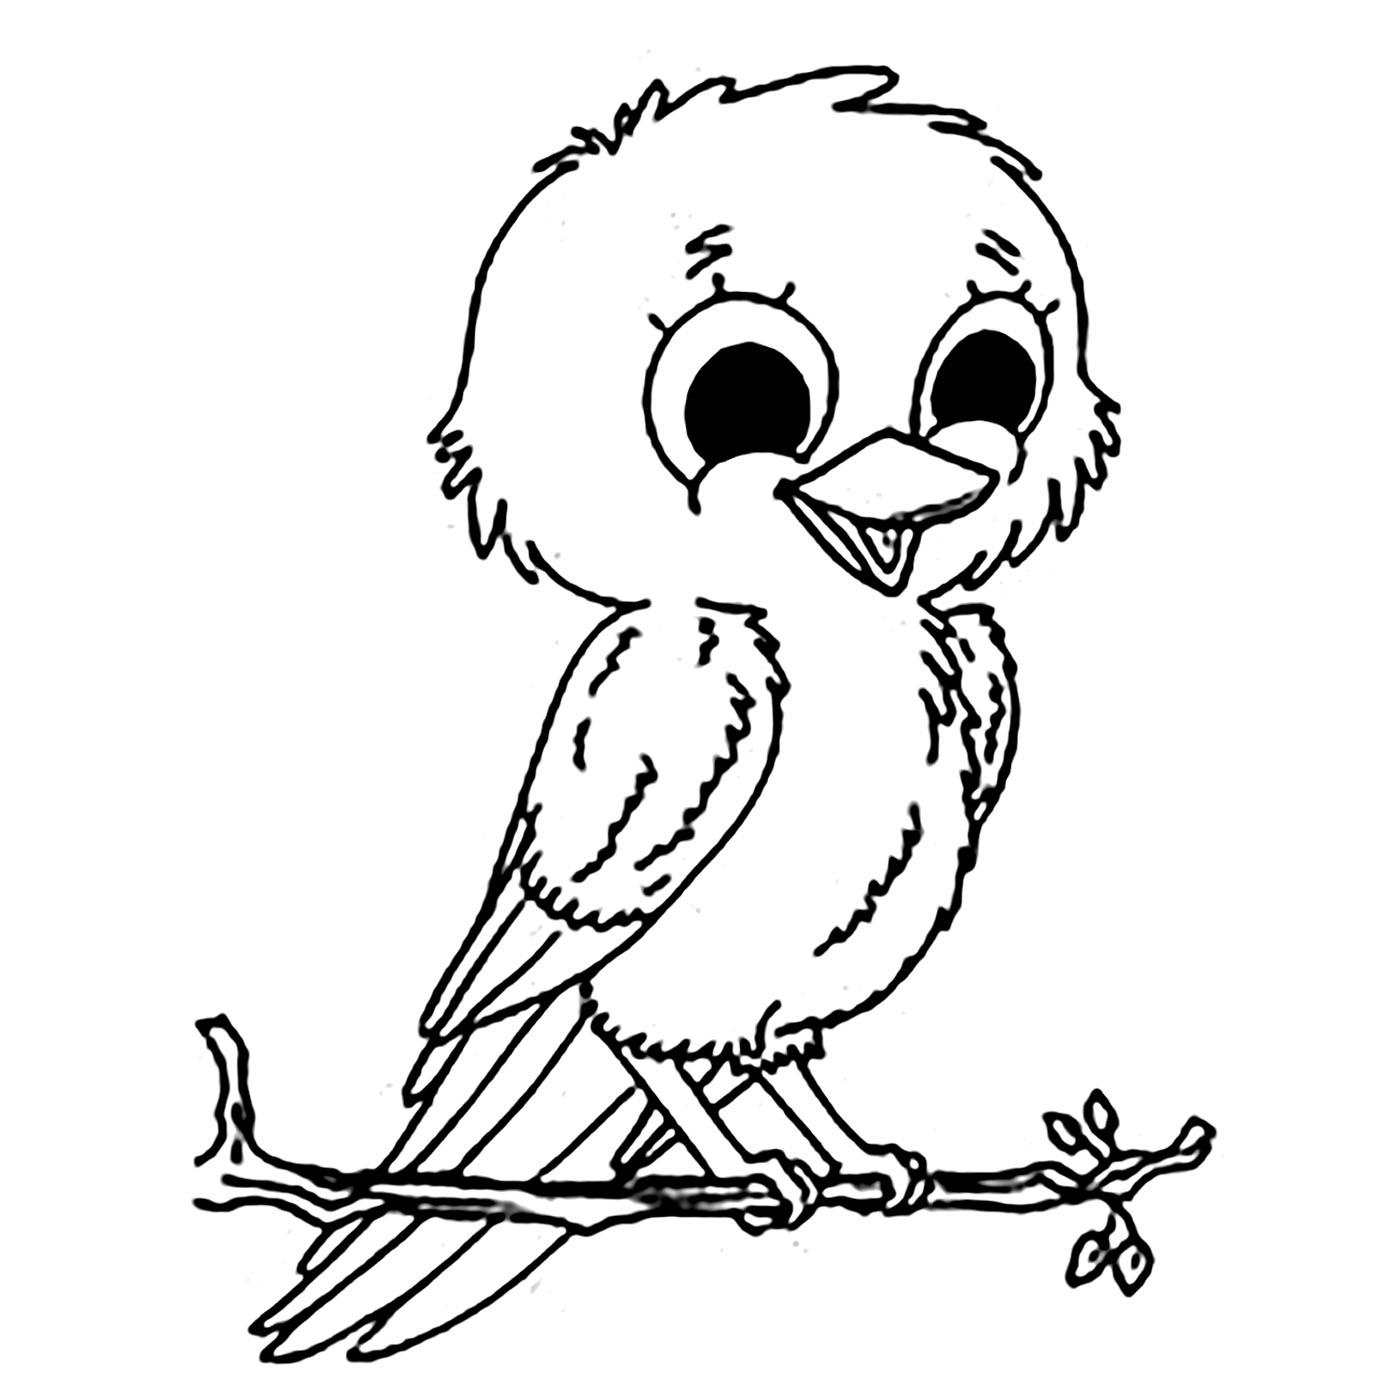 Tranh tô màu con chim xinh